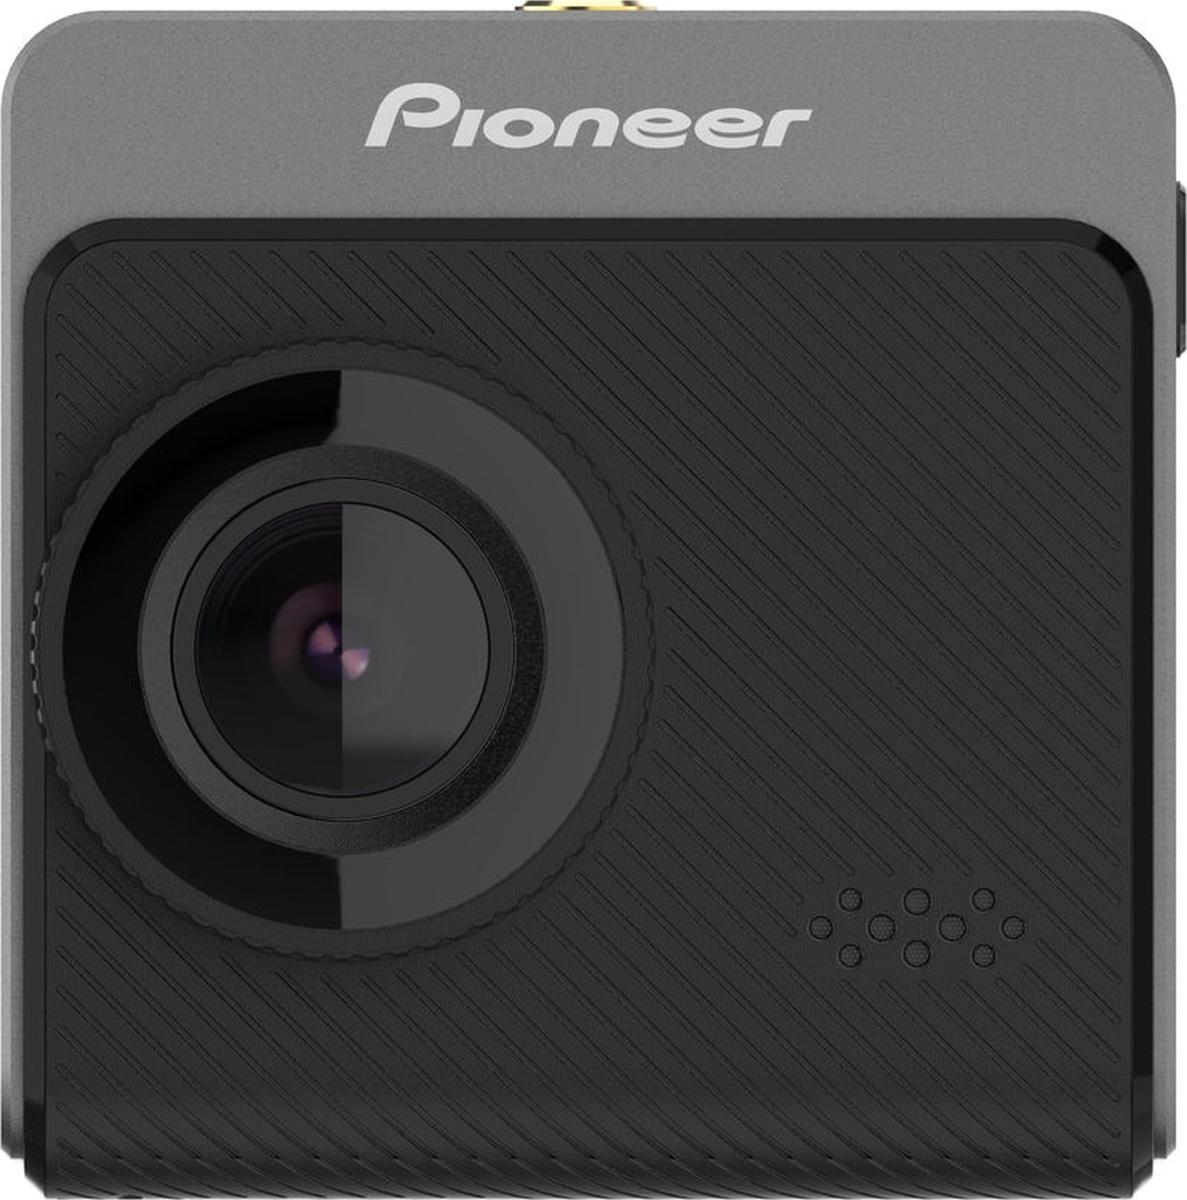 Видеорегистратор Pioneer VREC-130RS, черный #1